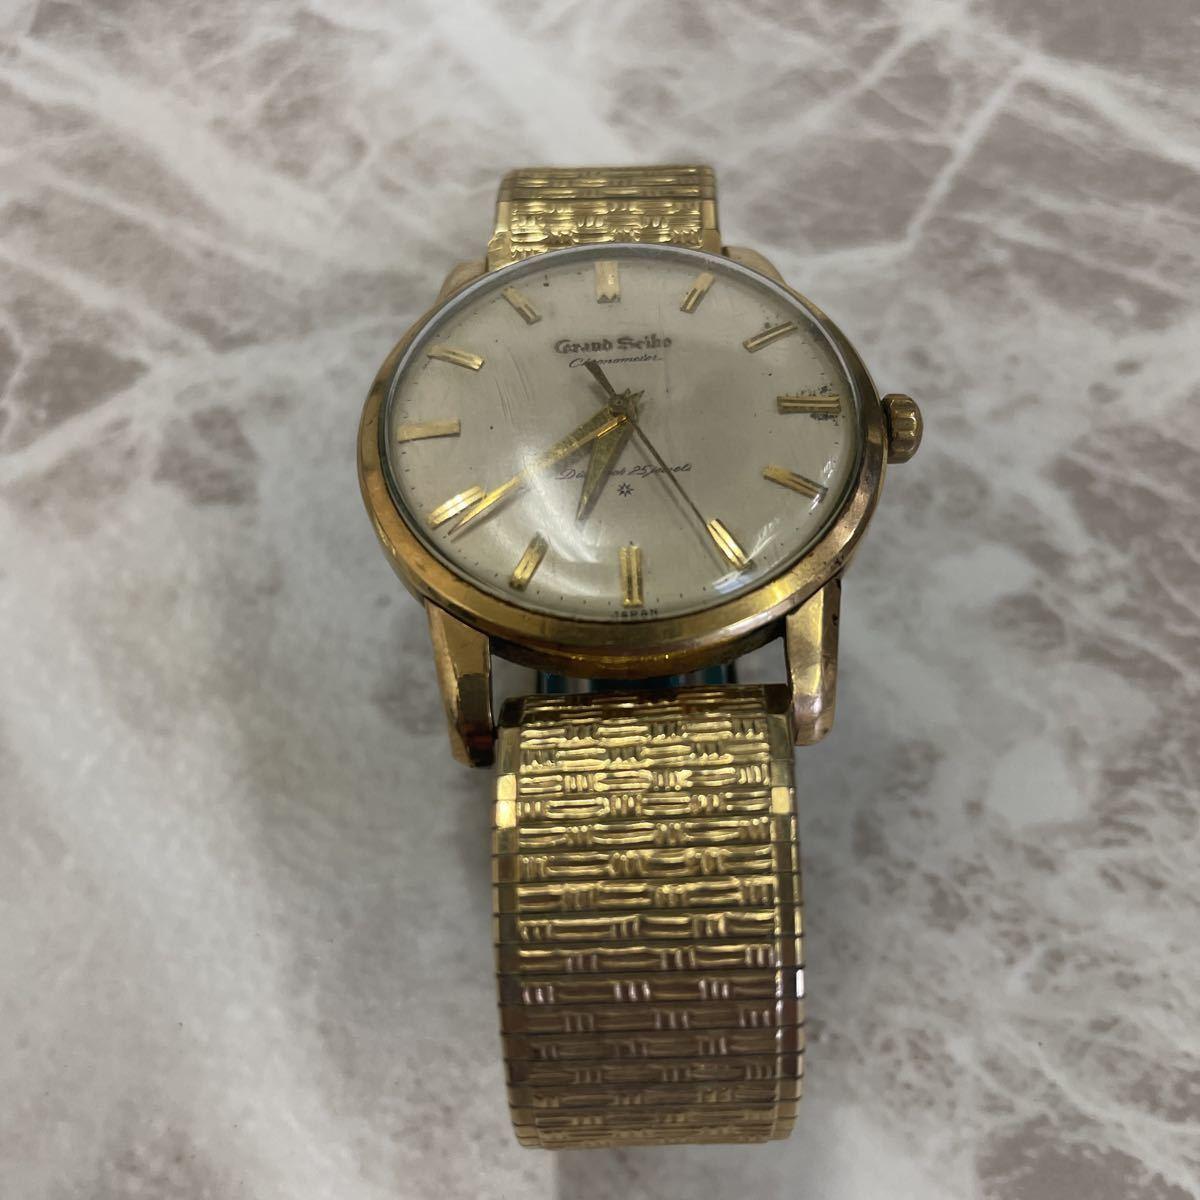 稼働品・ムーブ綺麗・SEIKO セイコー GS グランドセイコー ファースト 1st Ref.J14070 Cal.3180 メンズ 腕時計 獅子メダル 14K 金張り_画像2